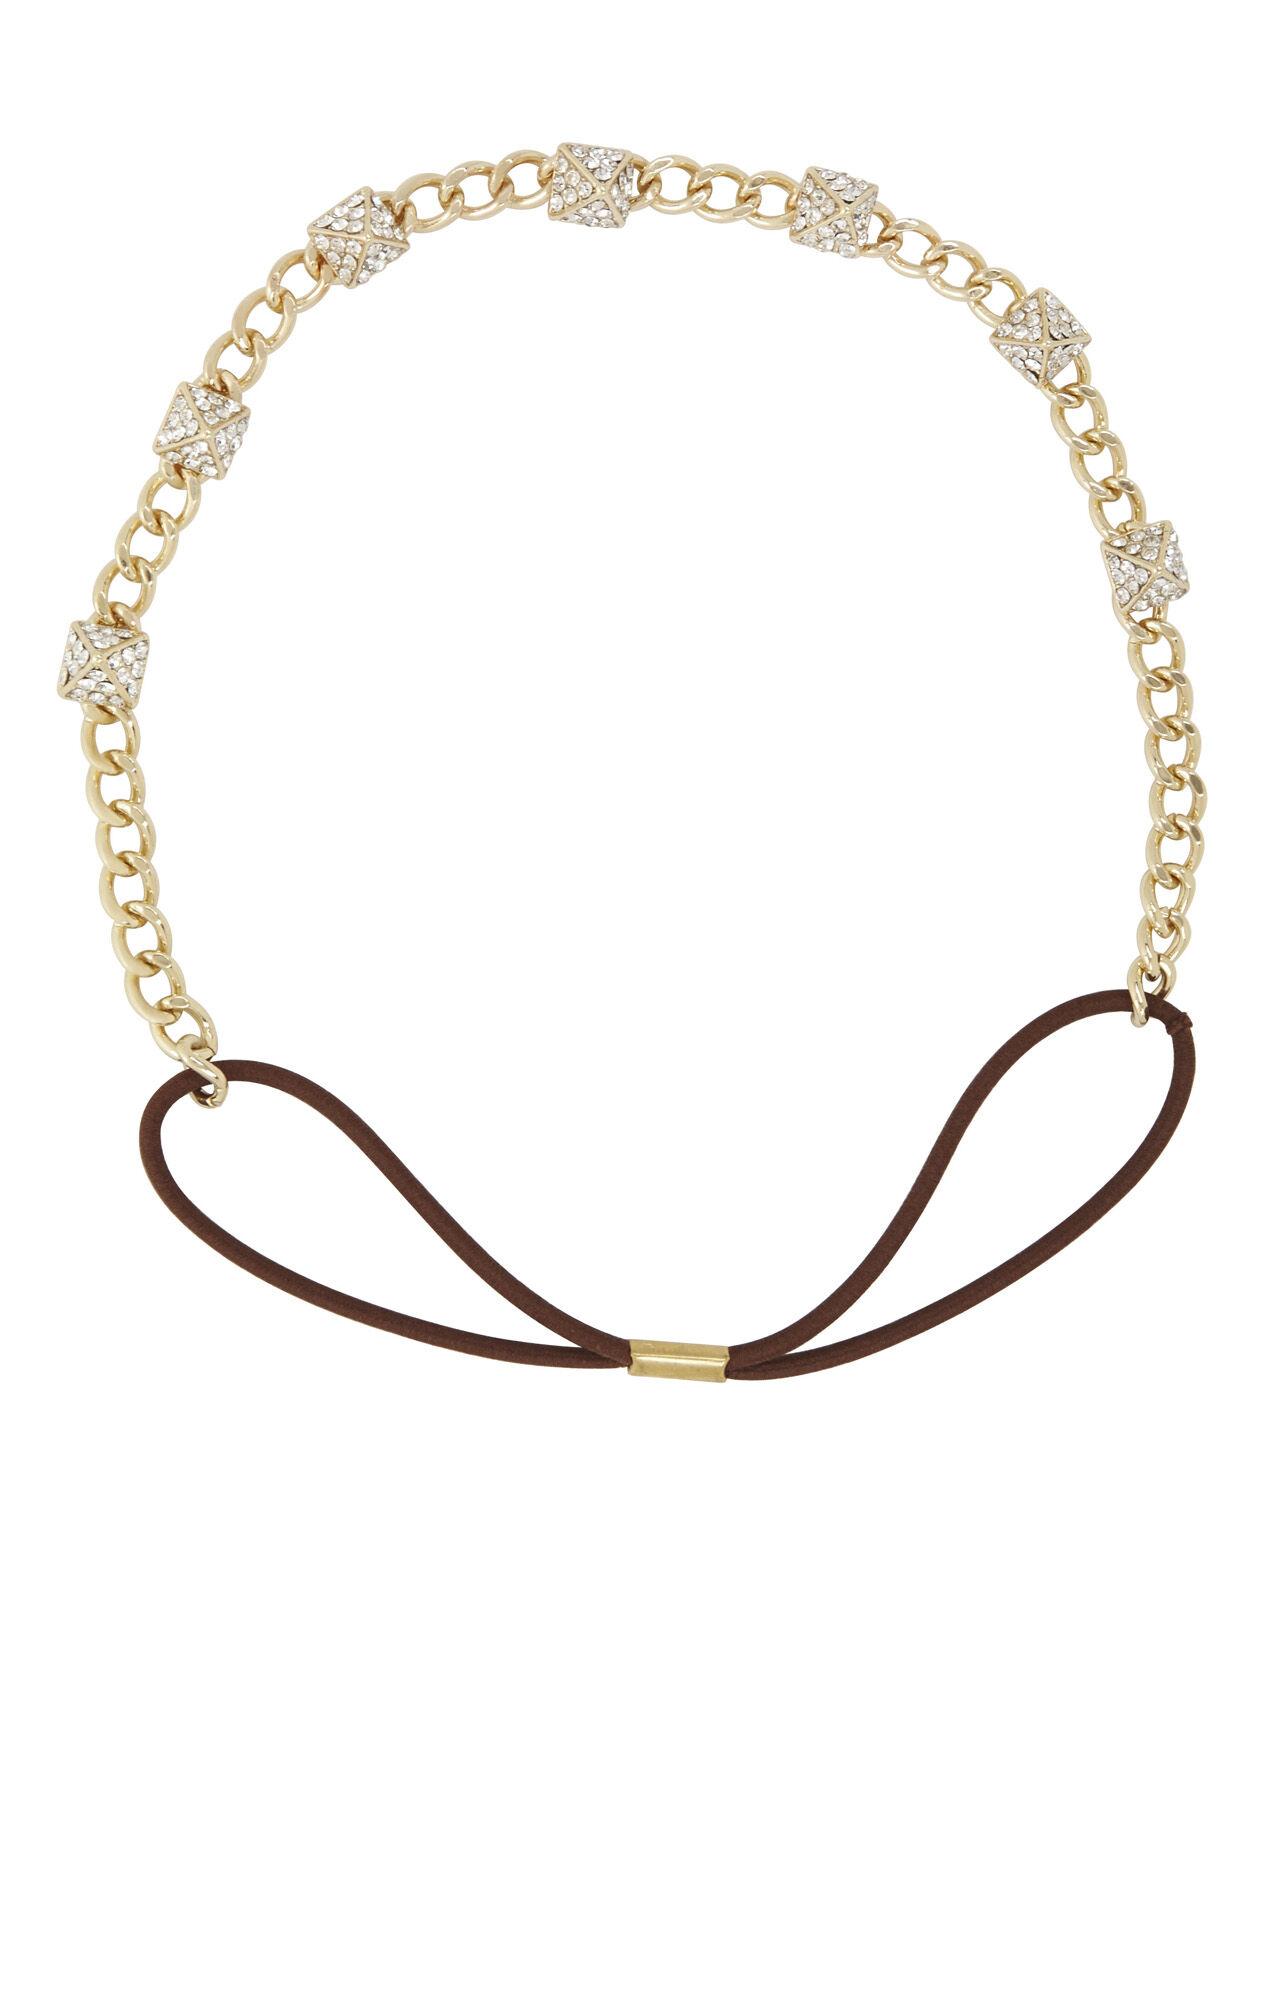 Pave Stud Chain Elastic Headband